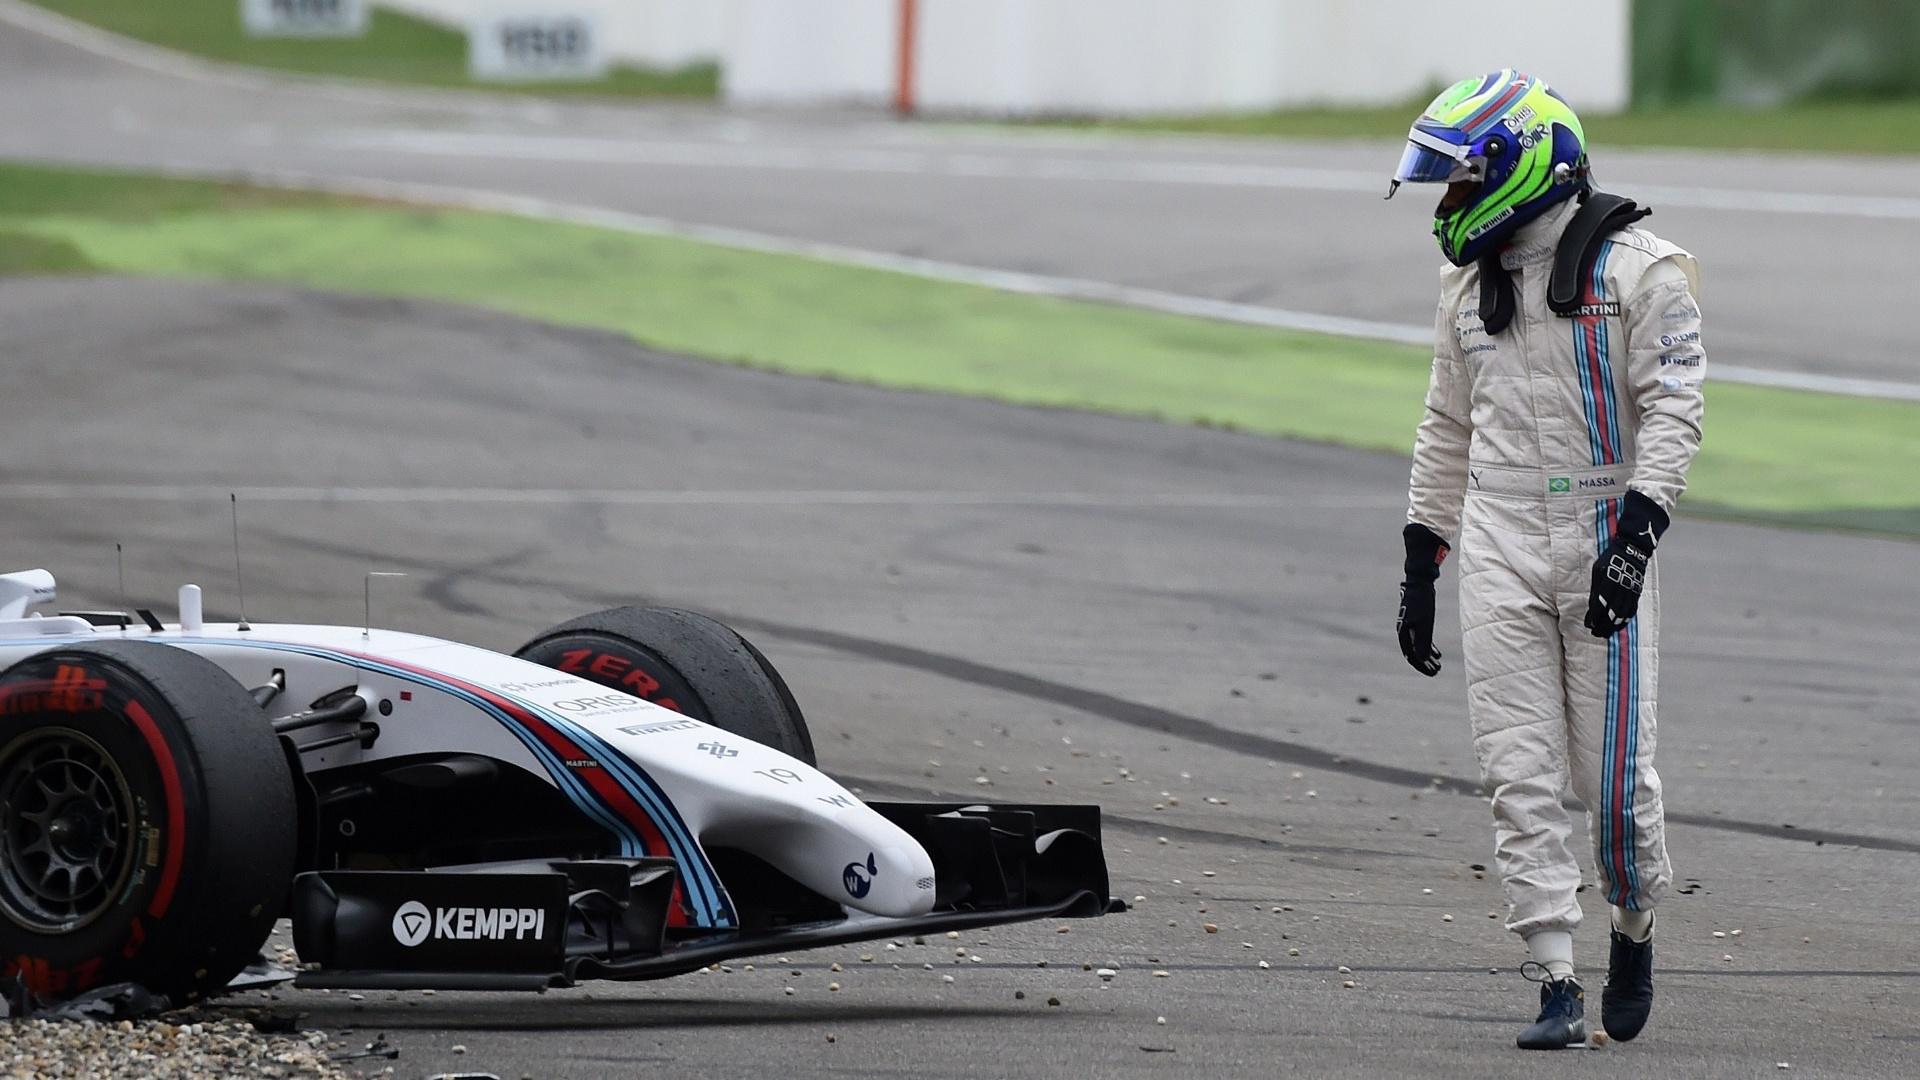 20.jul.2014 - Felipe Massa observa sua Williams depois de capotar e abandonar o GP da Alemanha na primeira volta